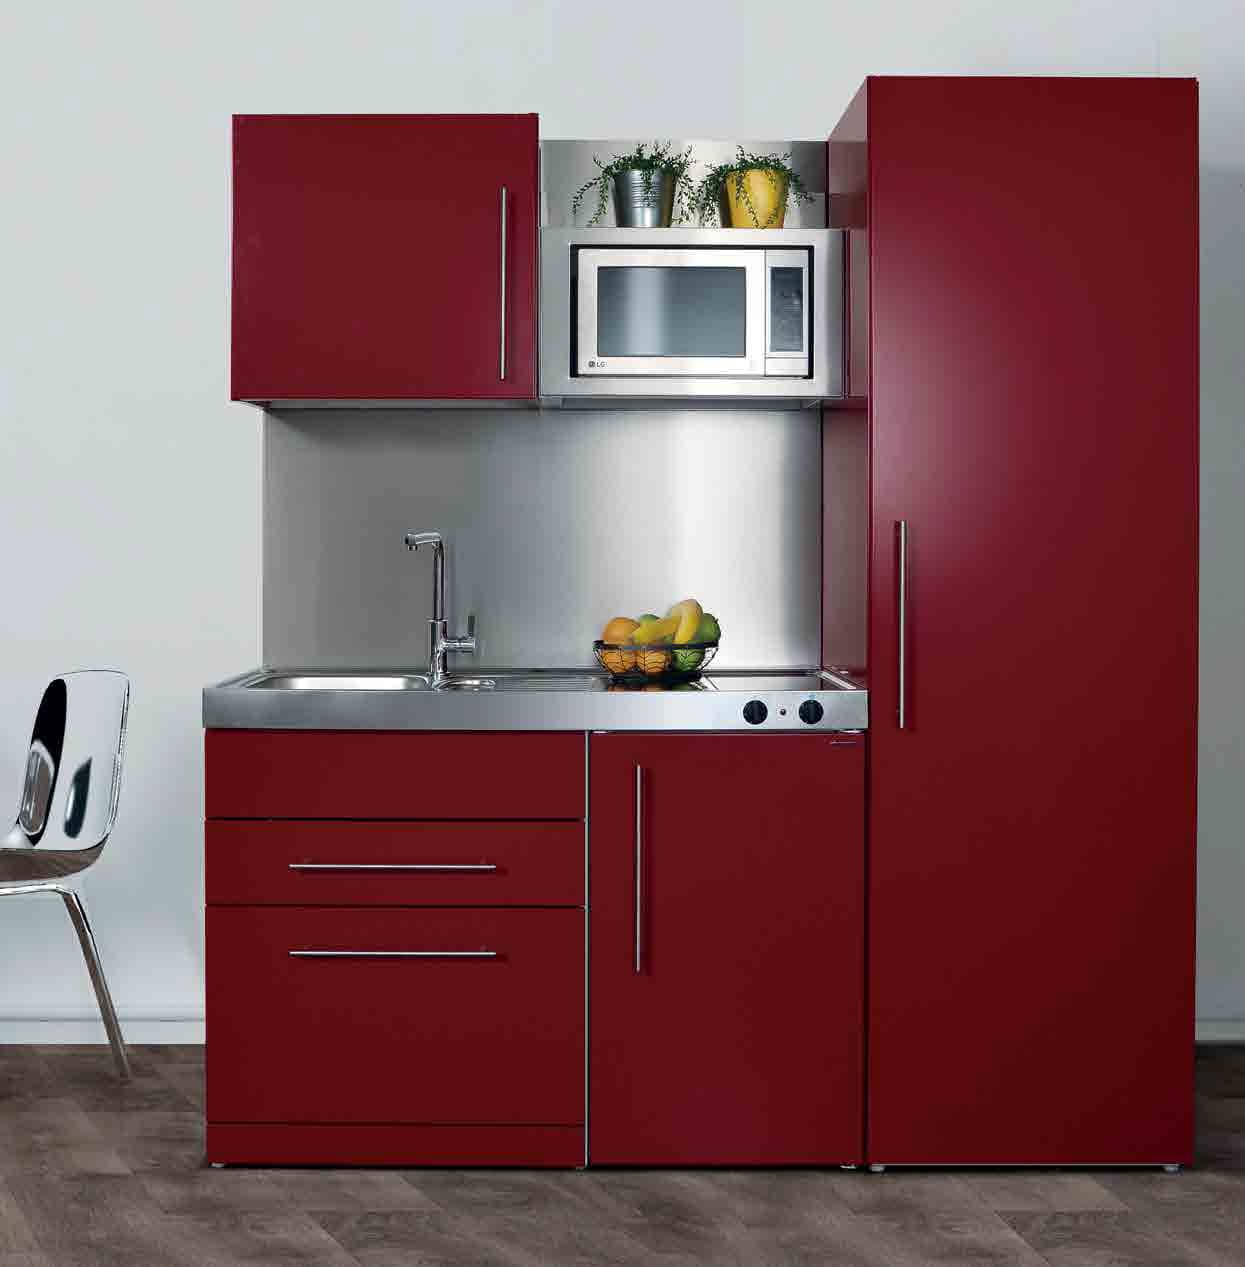 Full Size of Ikea Miniküchen Minikche Zeus Sunnersta 90 Cm Breit Einrichten Kche Mit Modulküche Küche Kaufen Kosten Miniküche Betten 160x200 Bei Sofa Schlaffunktion Wohnzimmer Ikea Miniküchen